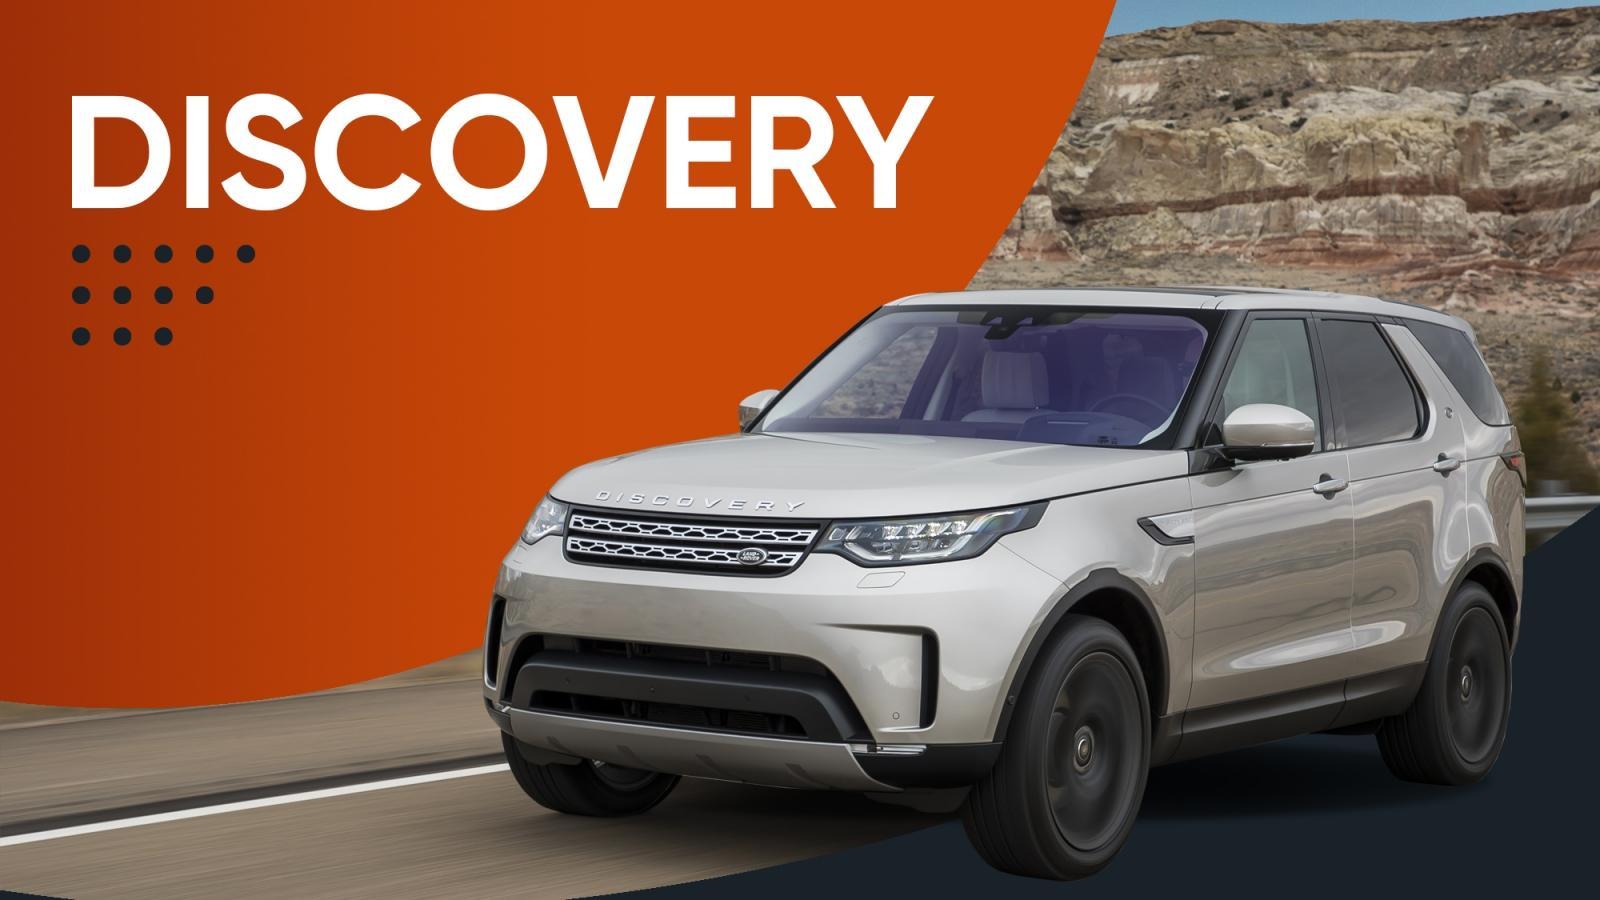 Discovery - Mẫu xe SUV 7 chỗ hạng sang linh hoạt nhất của Land Rover